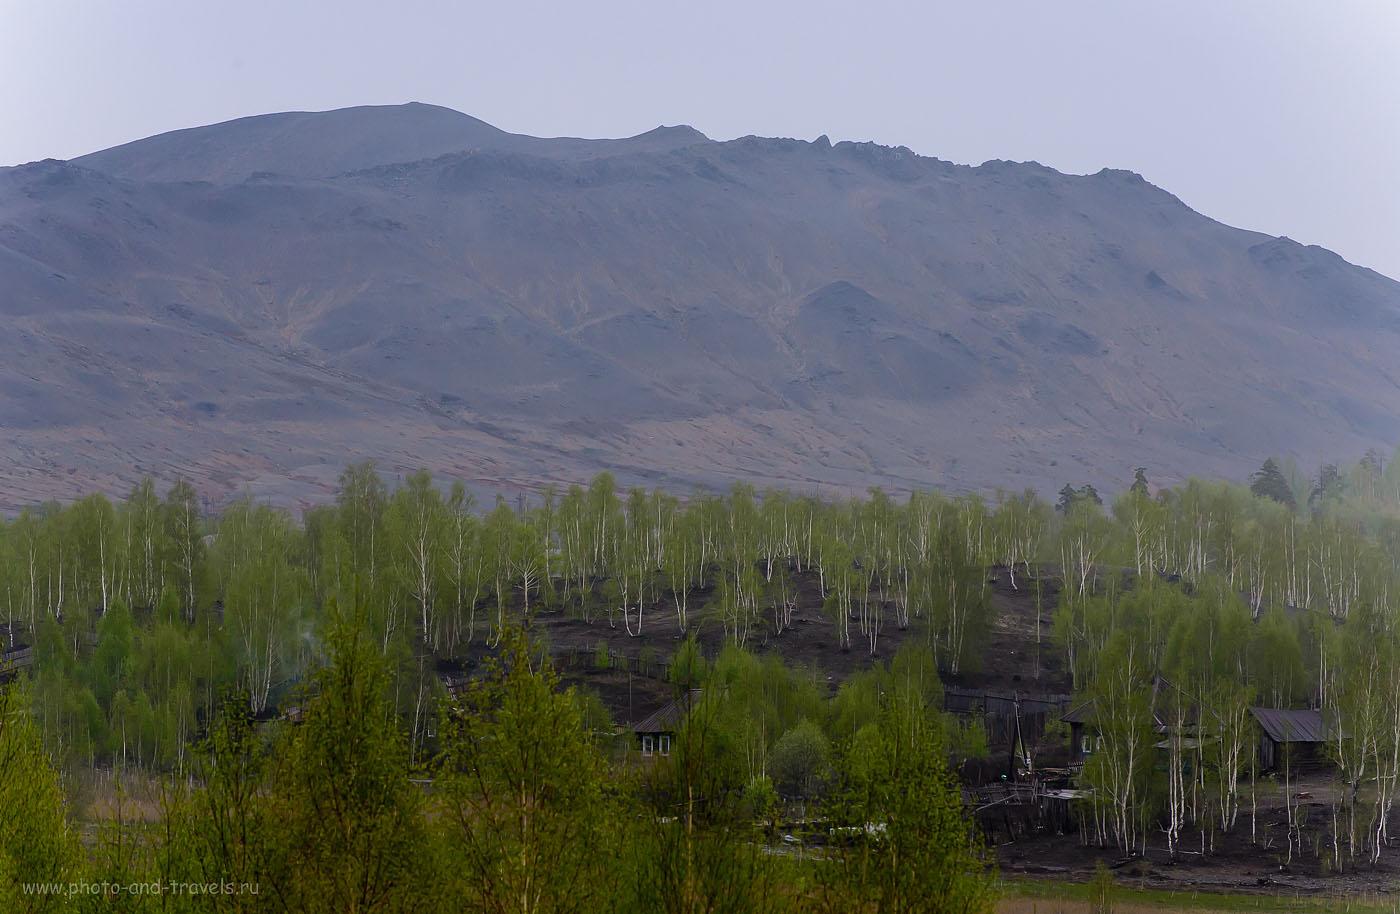 4. Безжизненный пейзаж на горе  в окрестностях Карабаша. (1250, 165, 8.0, 1/500)